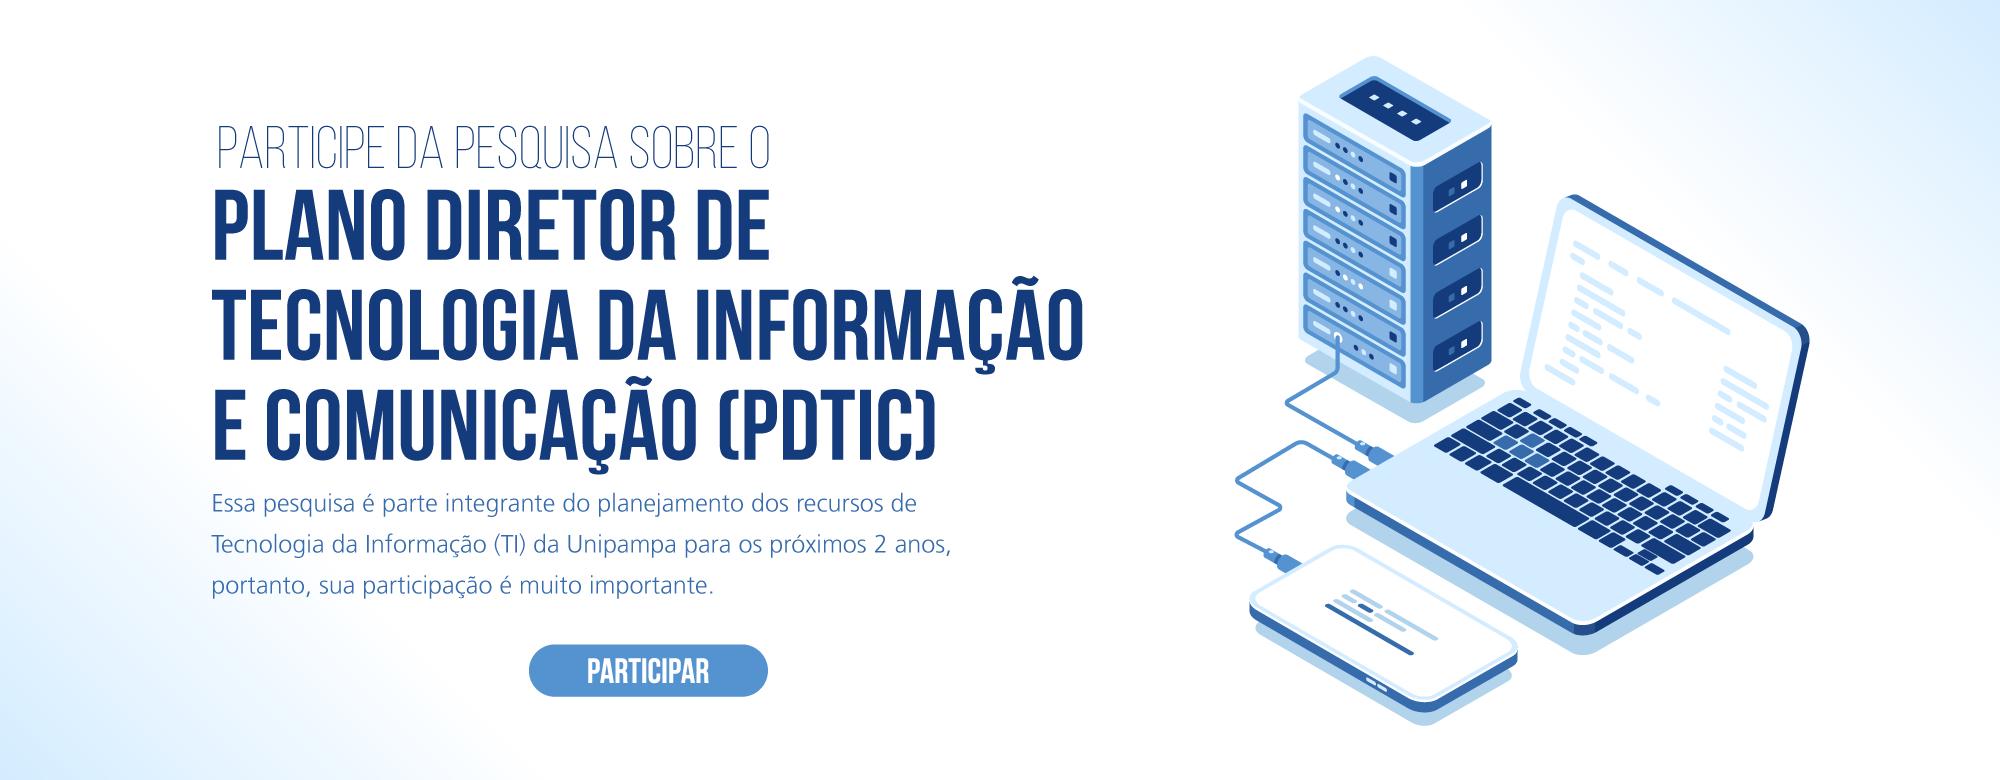 Participe da pesquisa sobre o Plano Diretor de Tecnologia da Informação e Comunicação (PDTIC). Sua participação é importante!